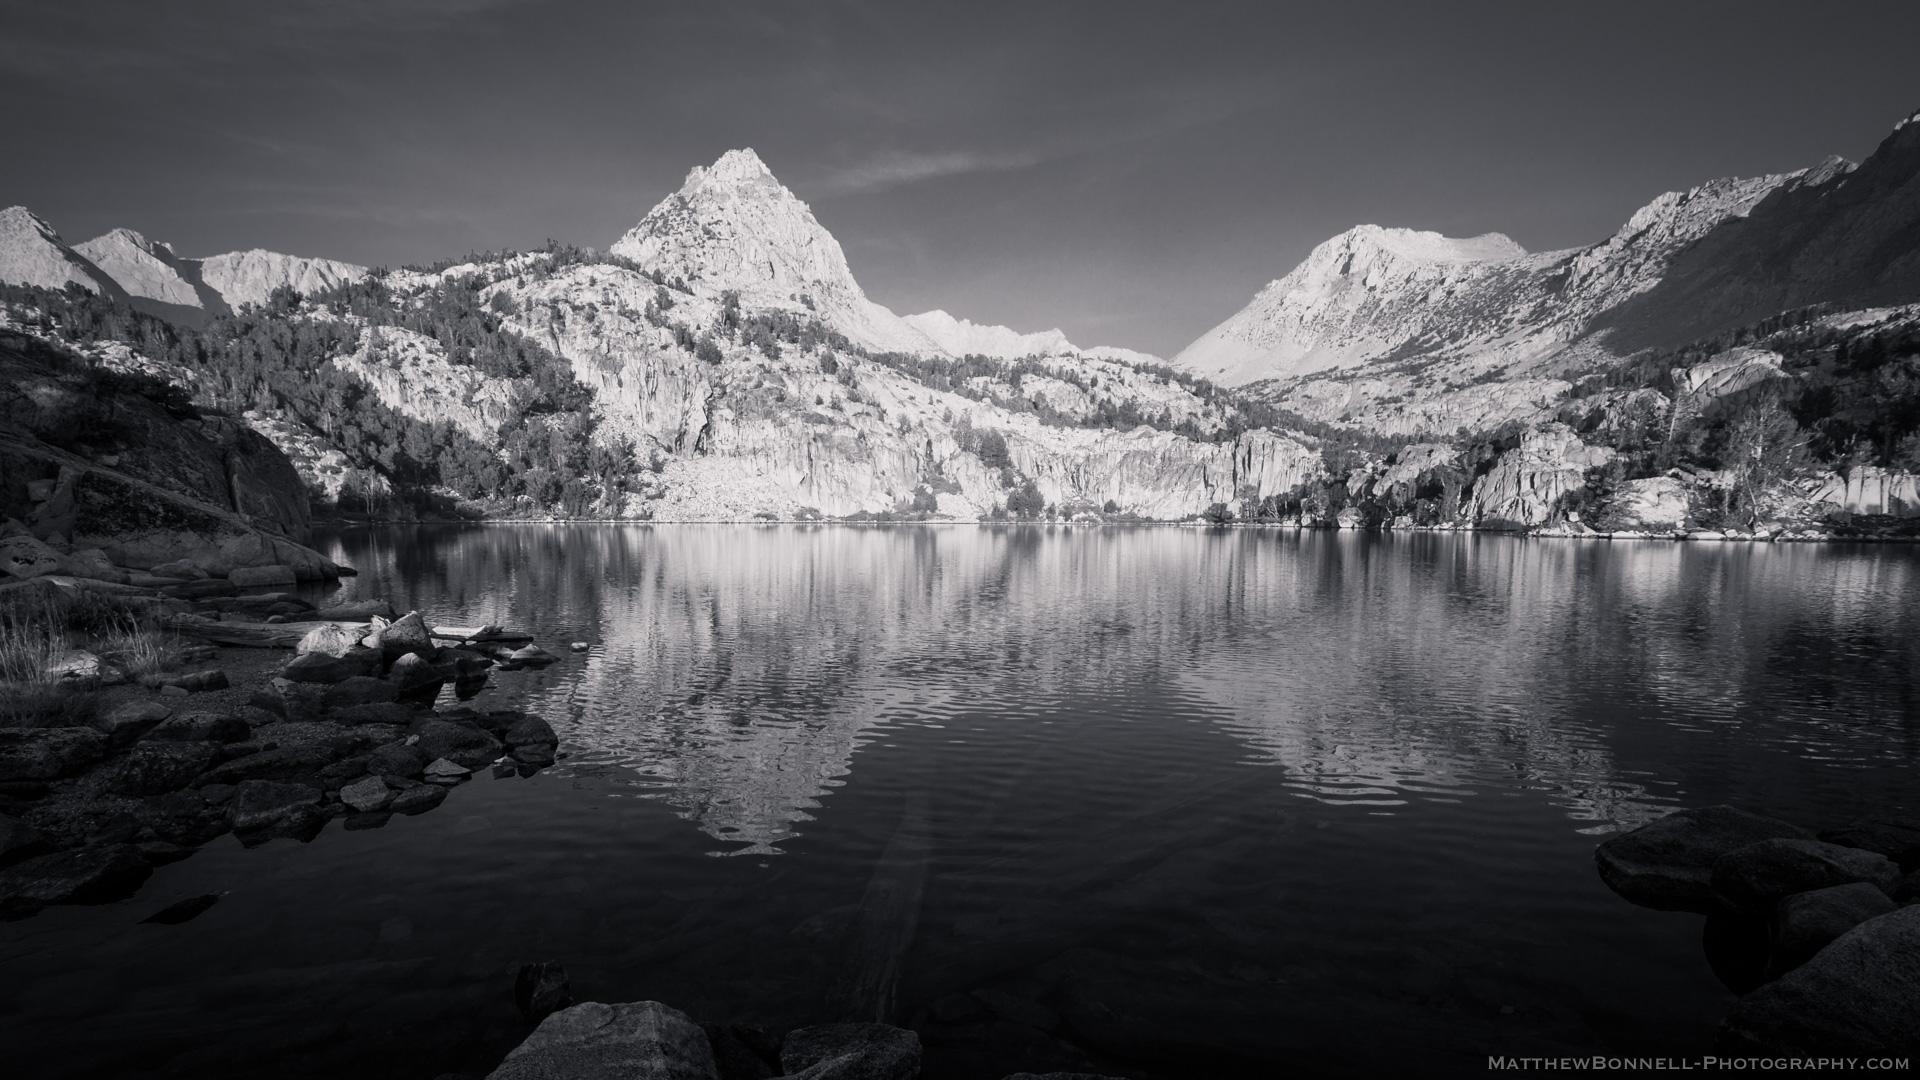 Peaks and Ripples